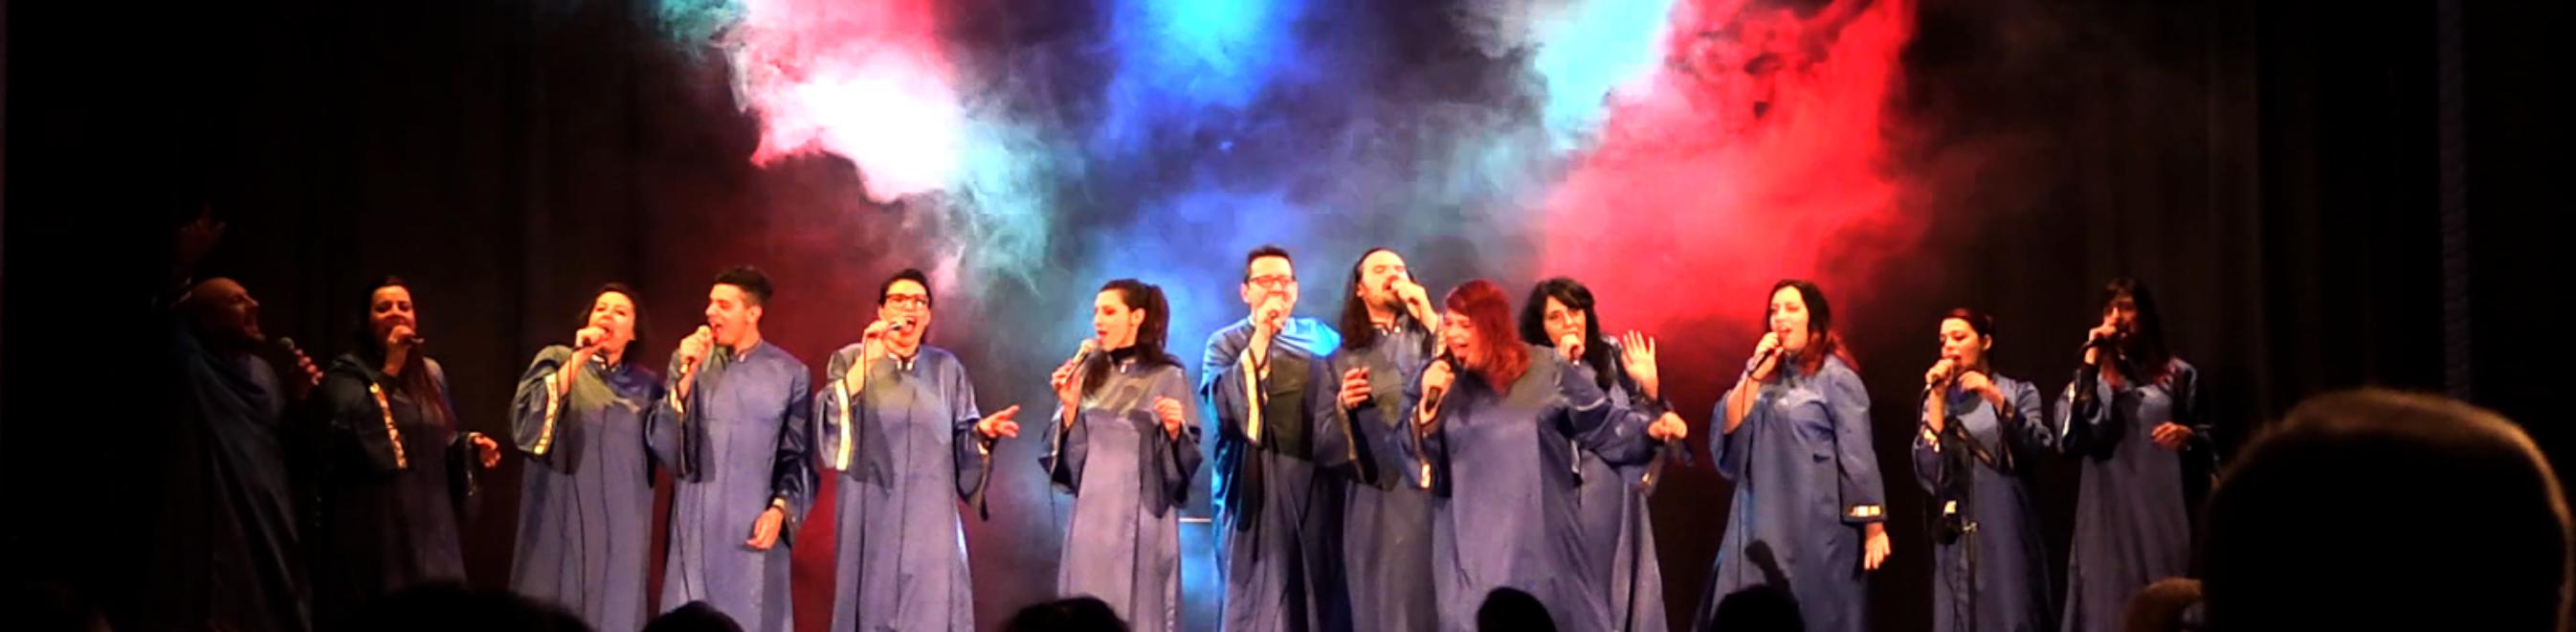 27/7 - Fortezza Vecchia - Jubilation&Friends GOSPEL SOTTO LE STELLE